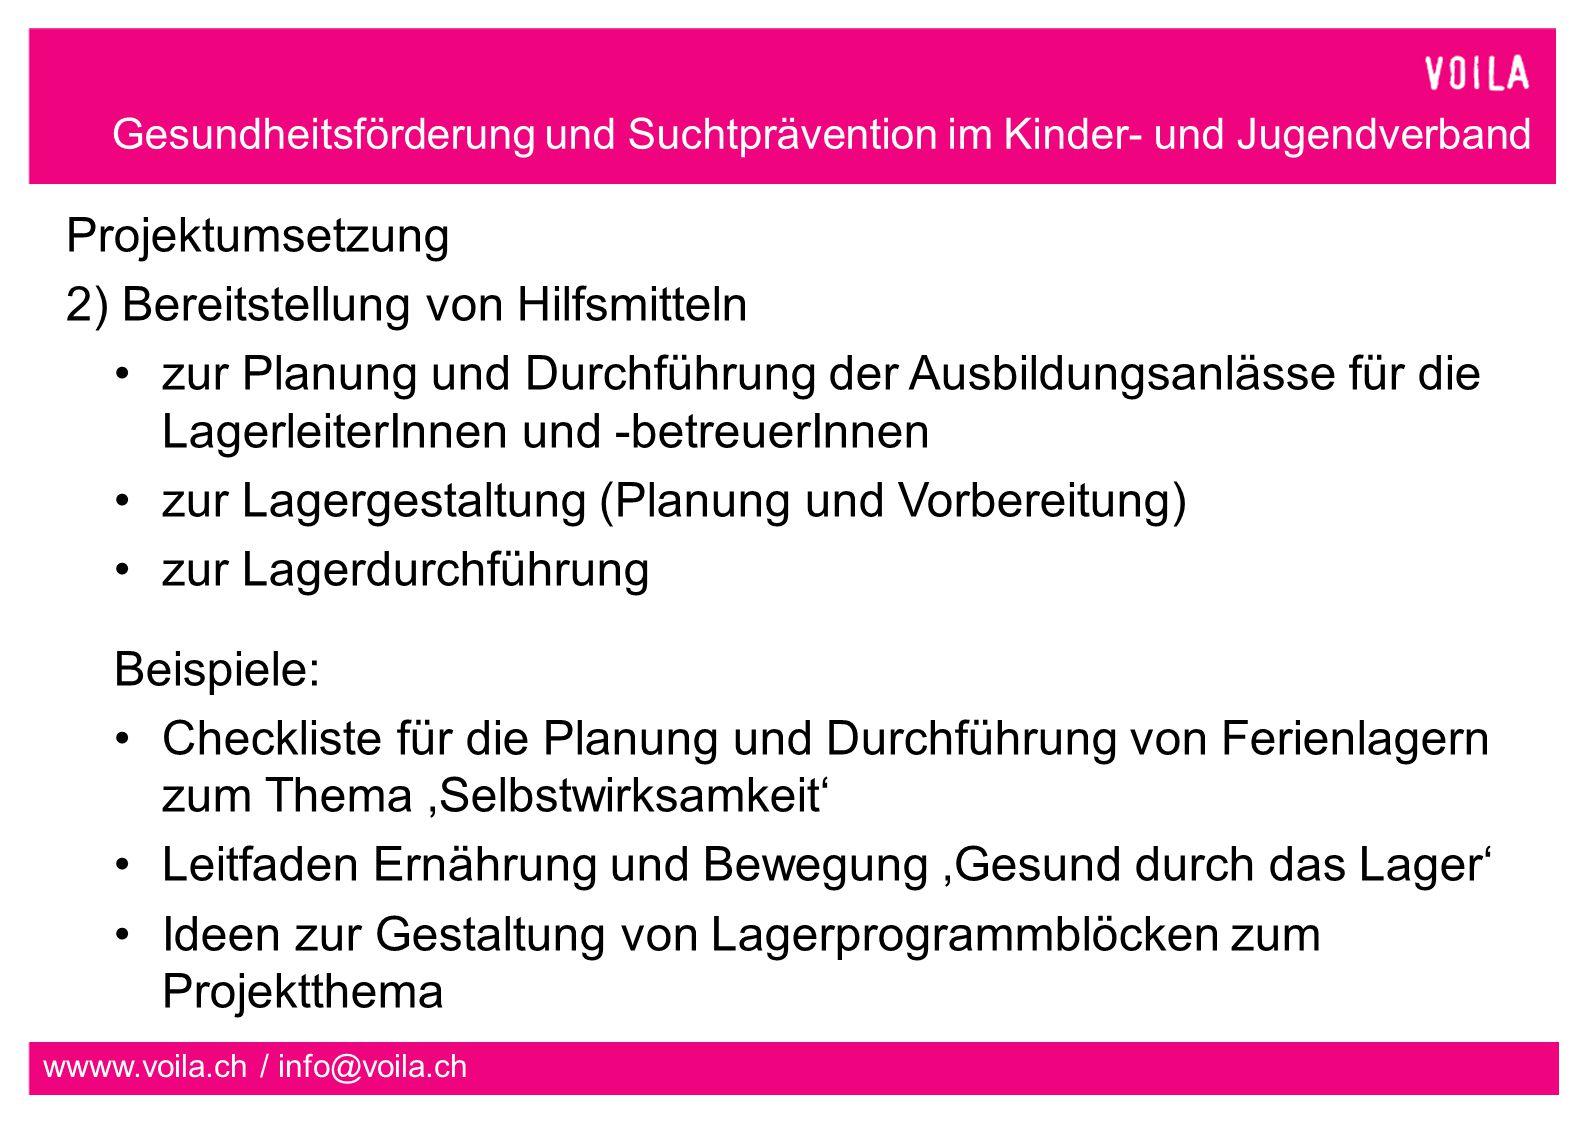 Projektumsetzung 2) Bereitstellung von Hilfsmitteln. zur Planung und Durchführung der Ausbildungsanlässe für die LagerleiterInnen und -betreuerInnen.